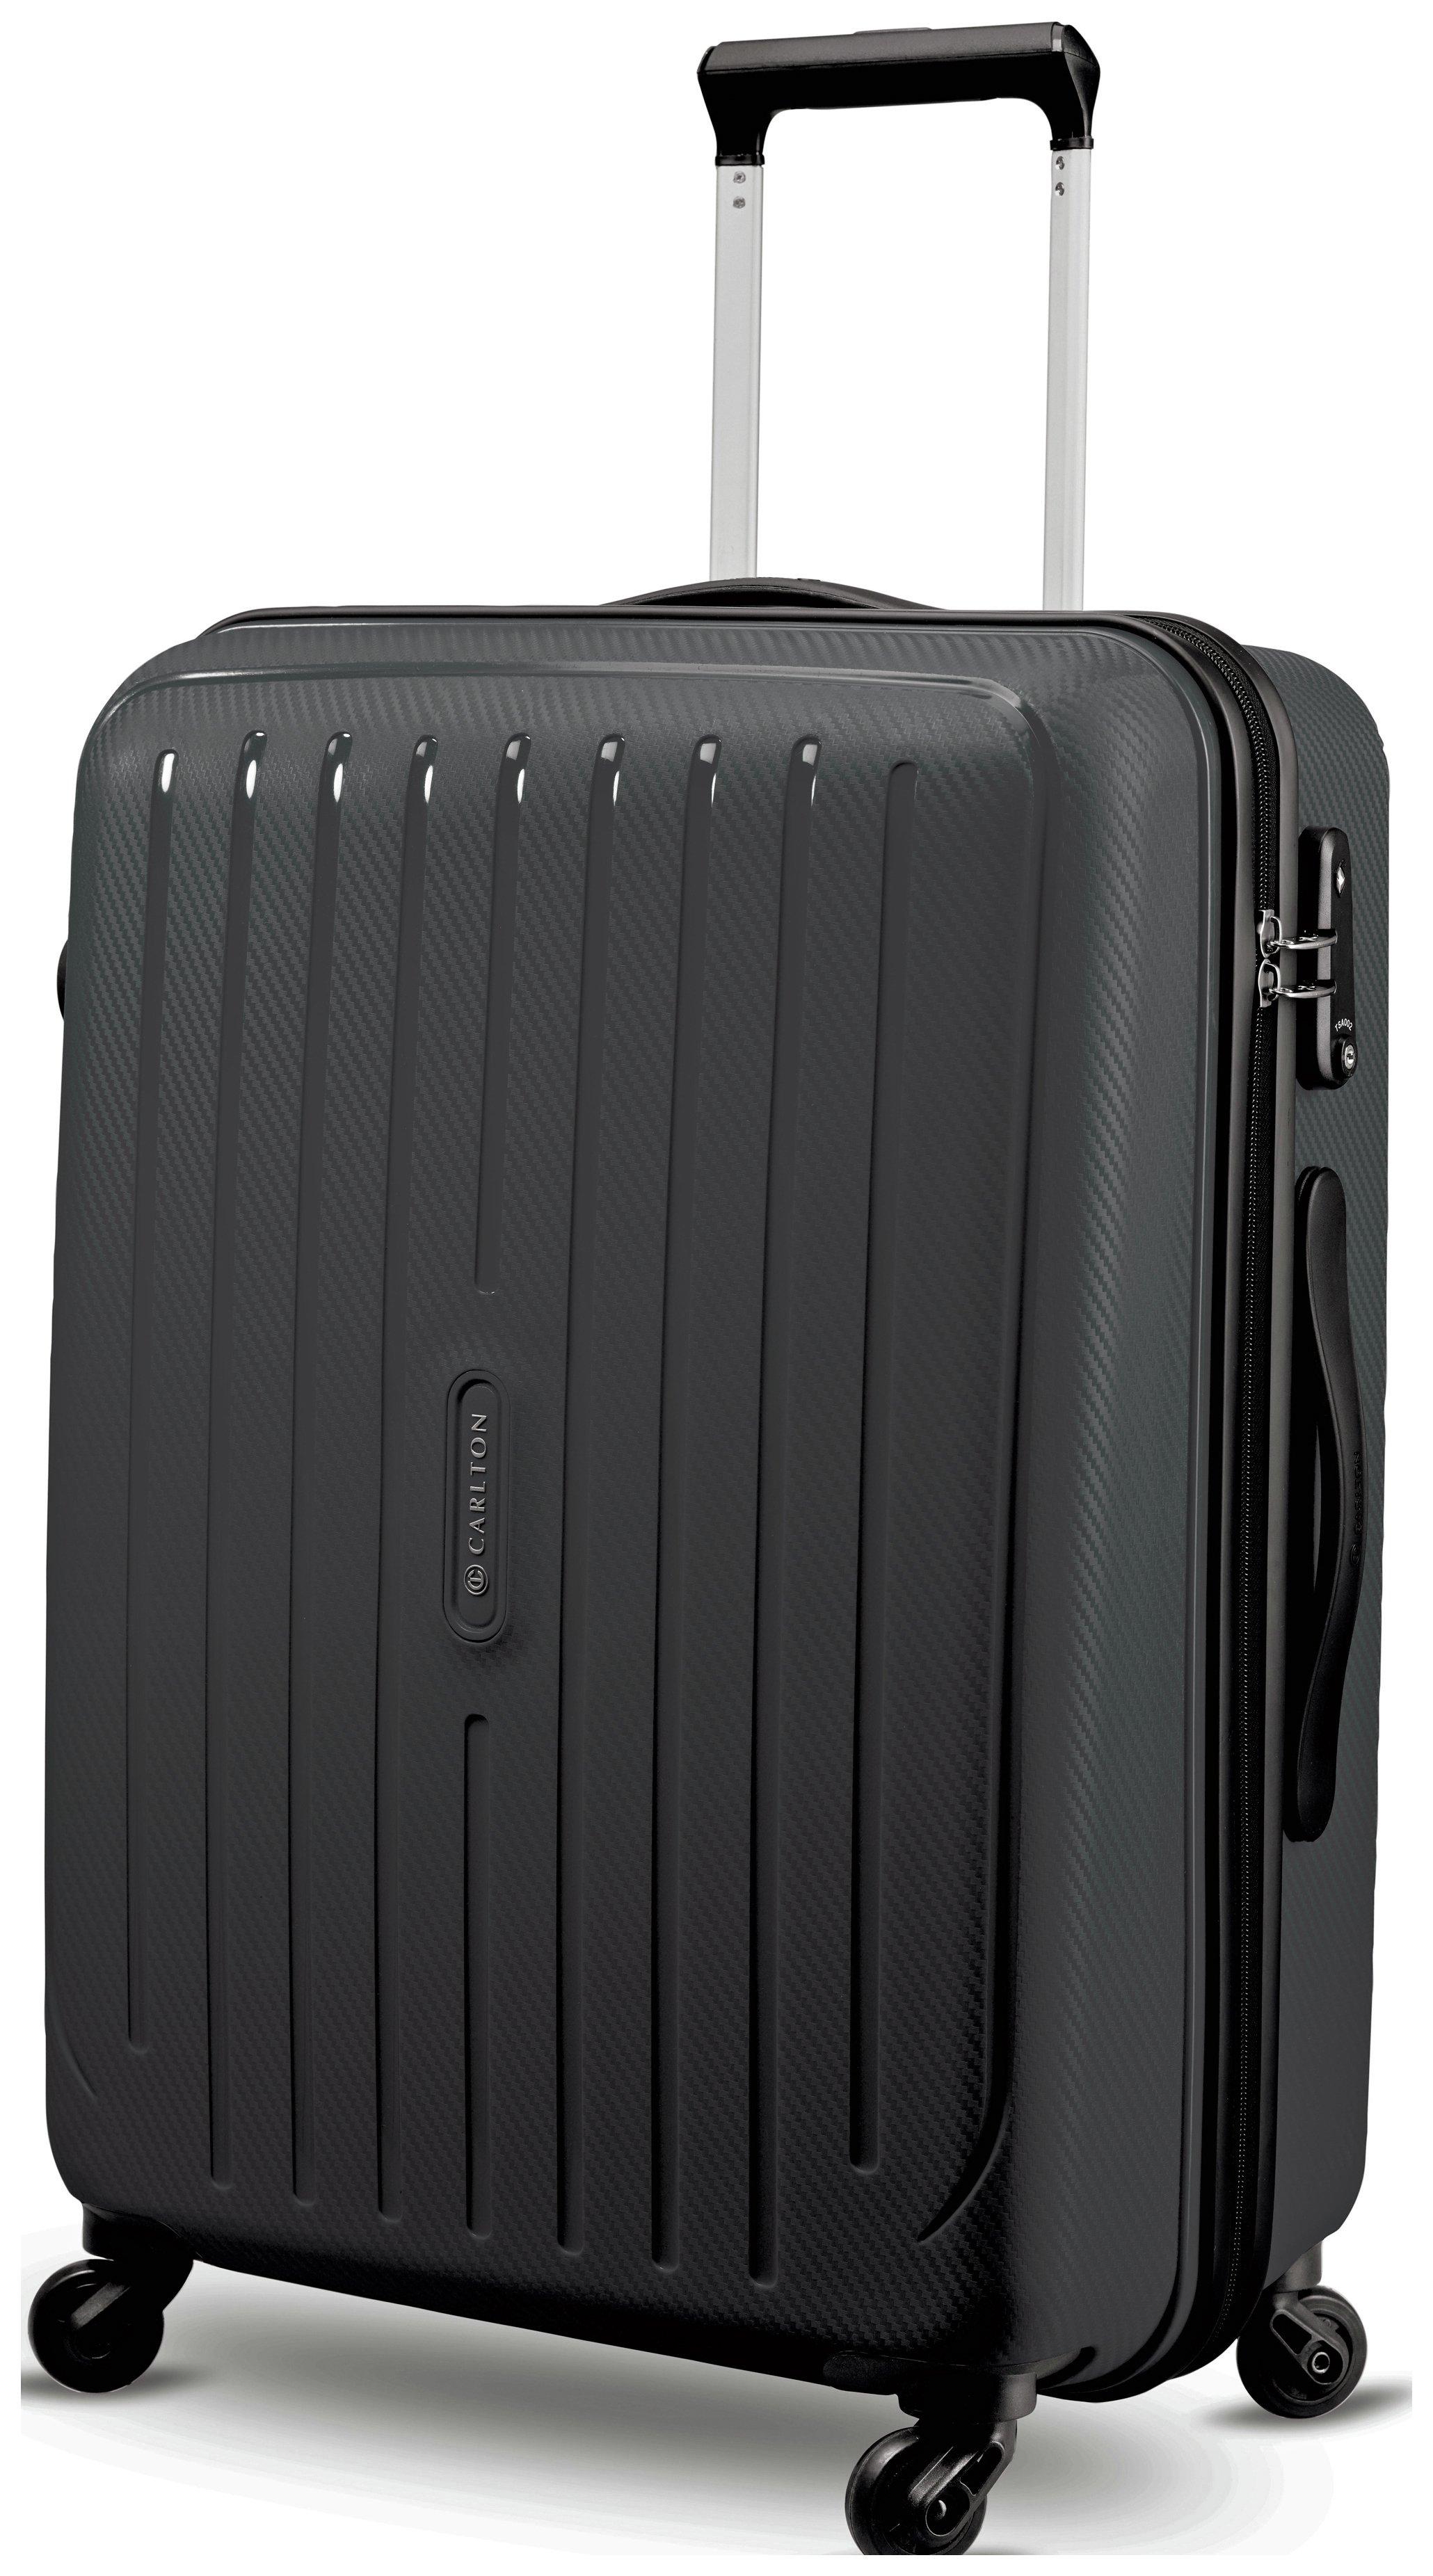 Image of Carlton - Pheonix Large 4 Wheel Hard Suitcase - Black